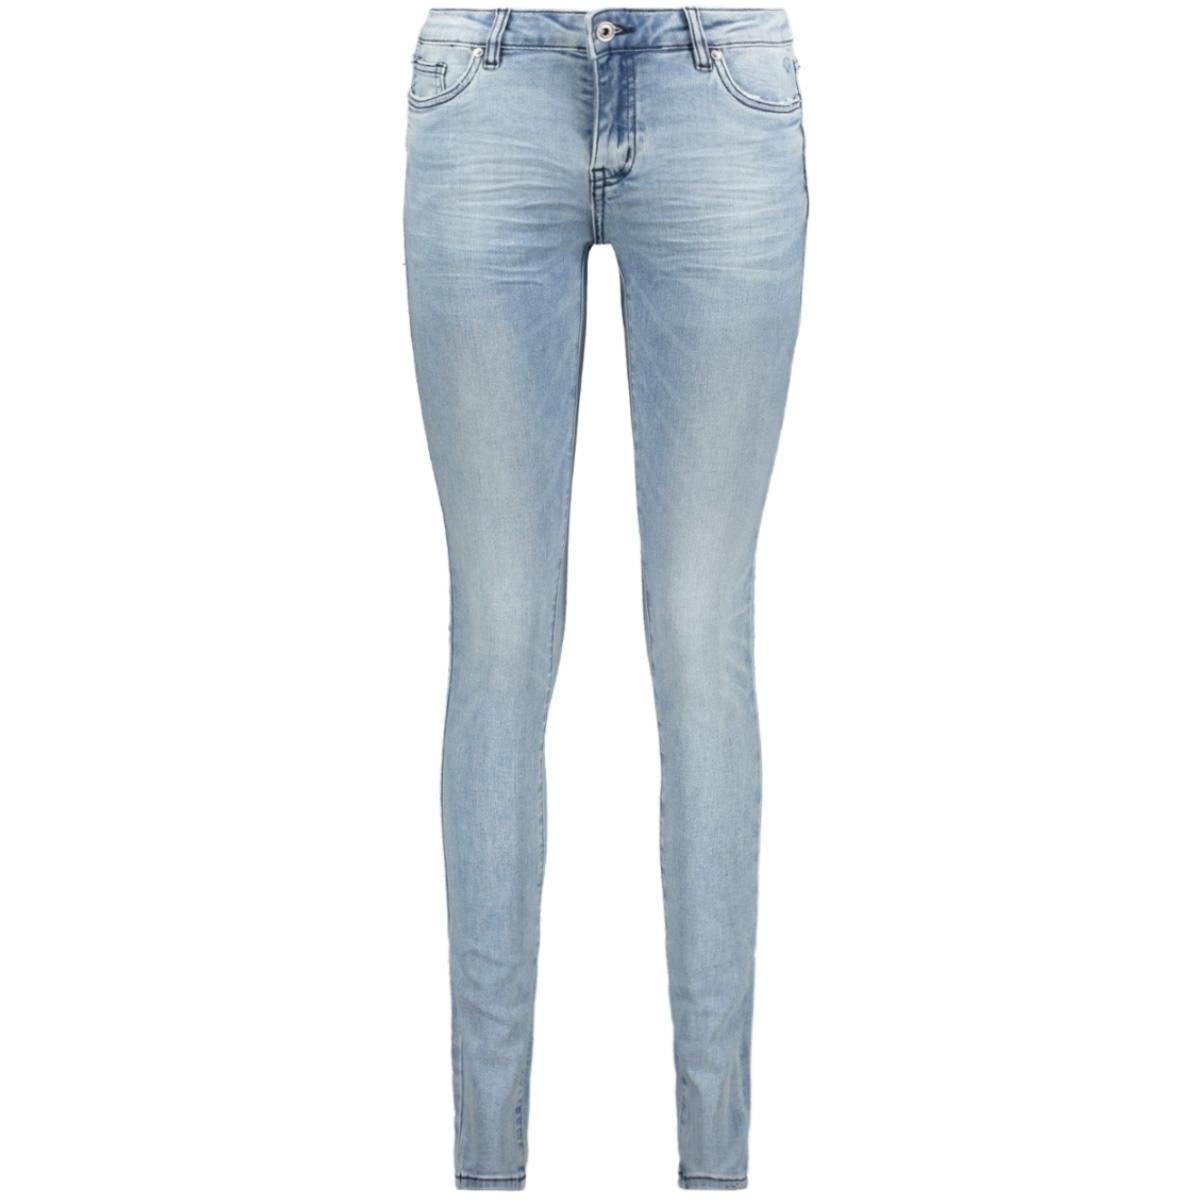 poppy s20 12 circle of trust jeans 3271 still ocean